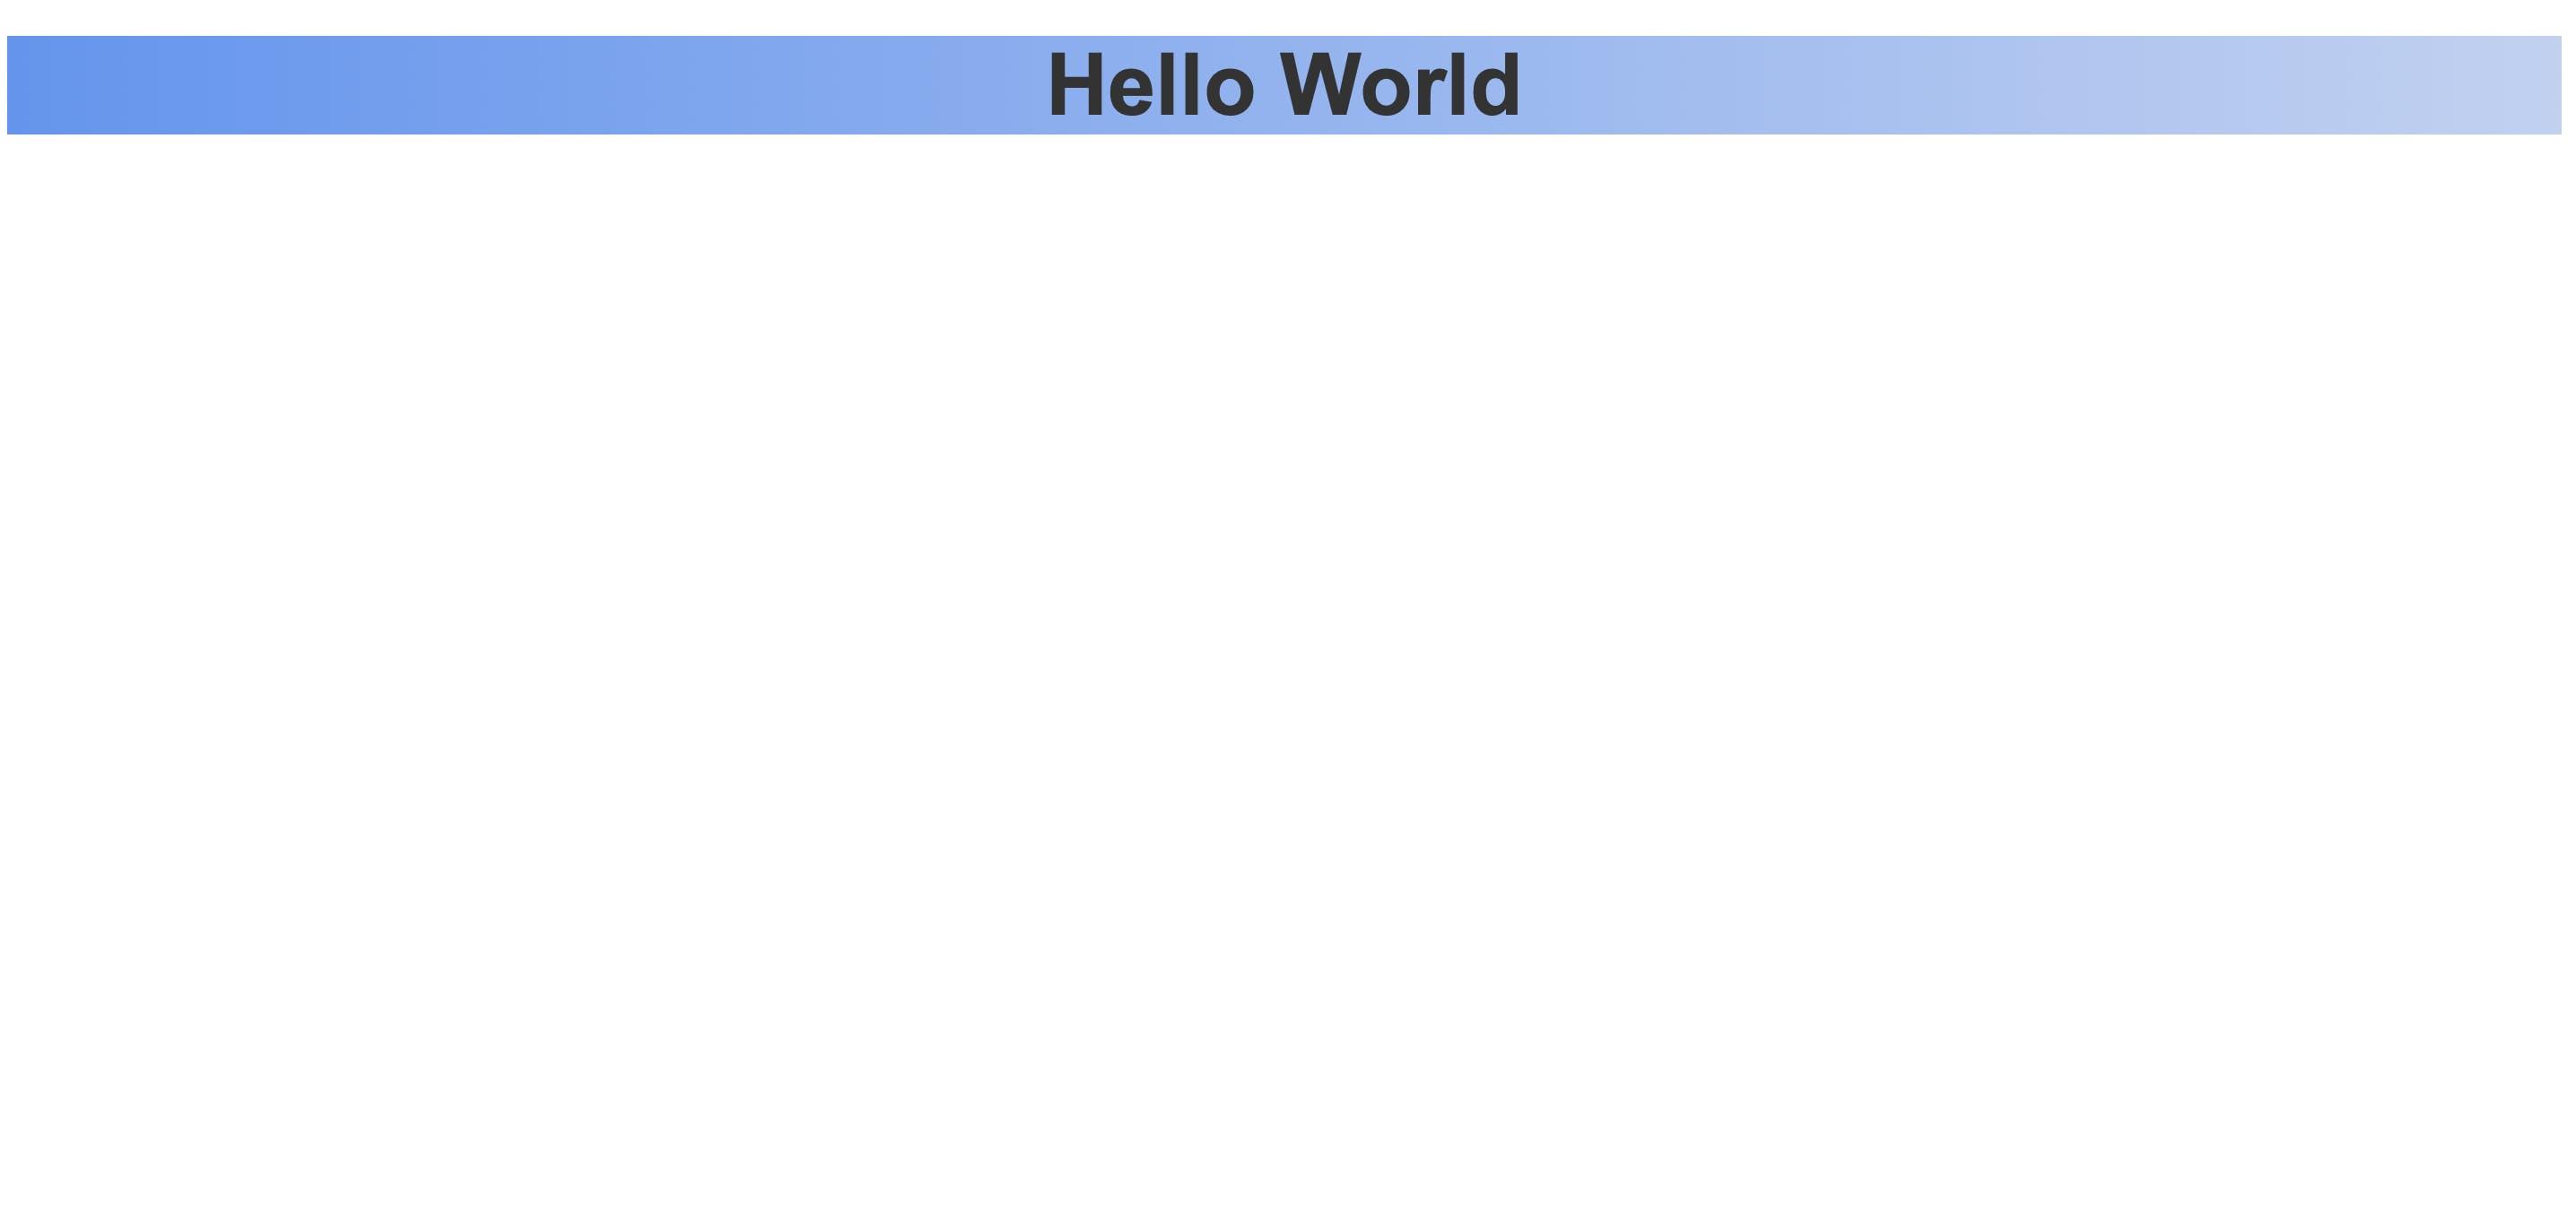 Screenshot 2021-08-11 at 11.26.46.png